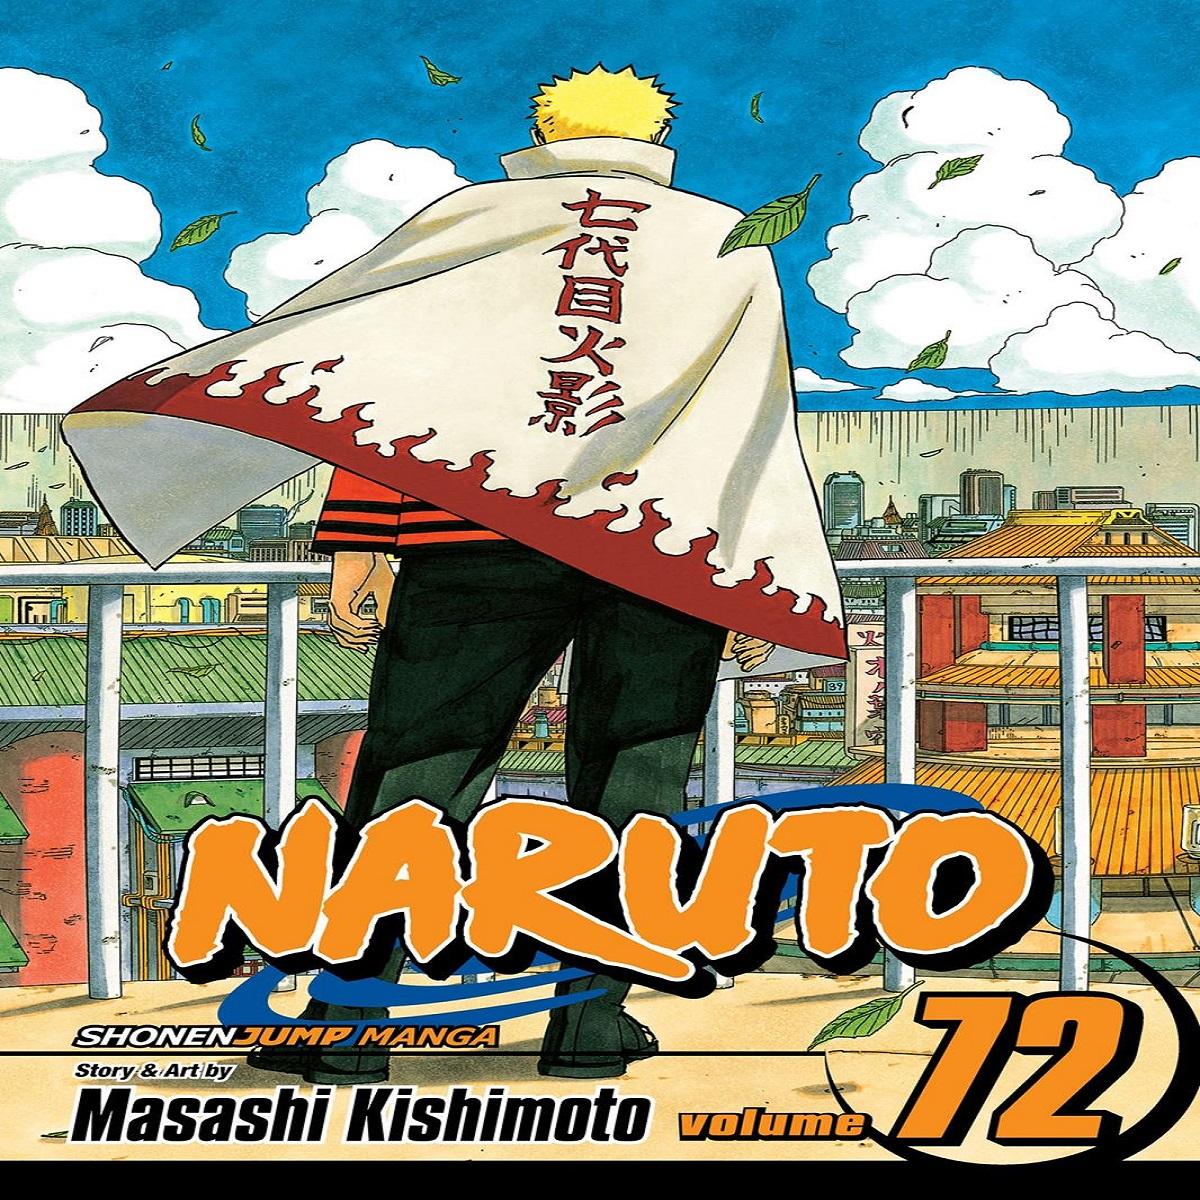 مجله Naruto 72 اکتبر 2015